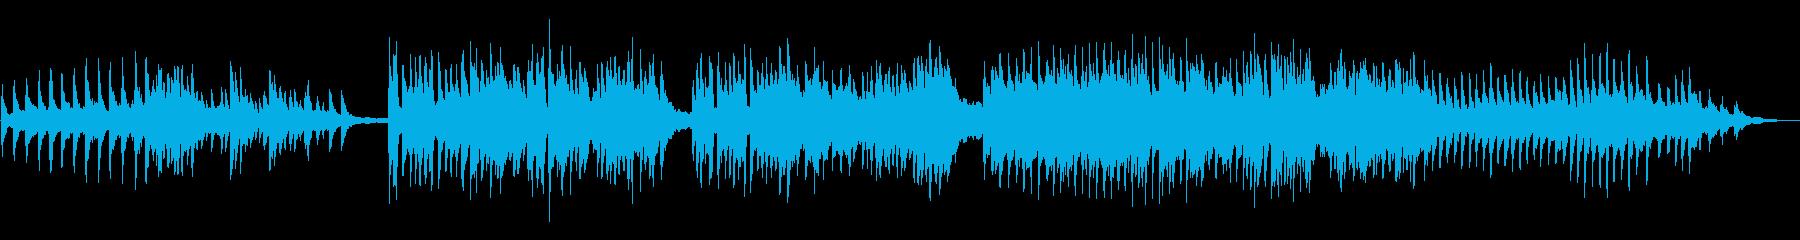 情熱的な大人の恋愛風クリスマスピアノソロの再生済みの波形